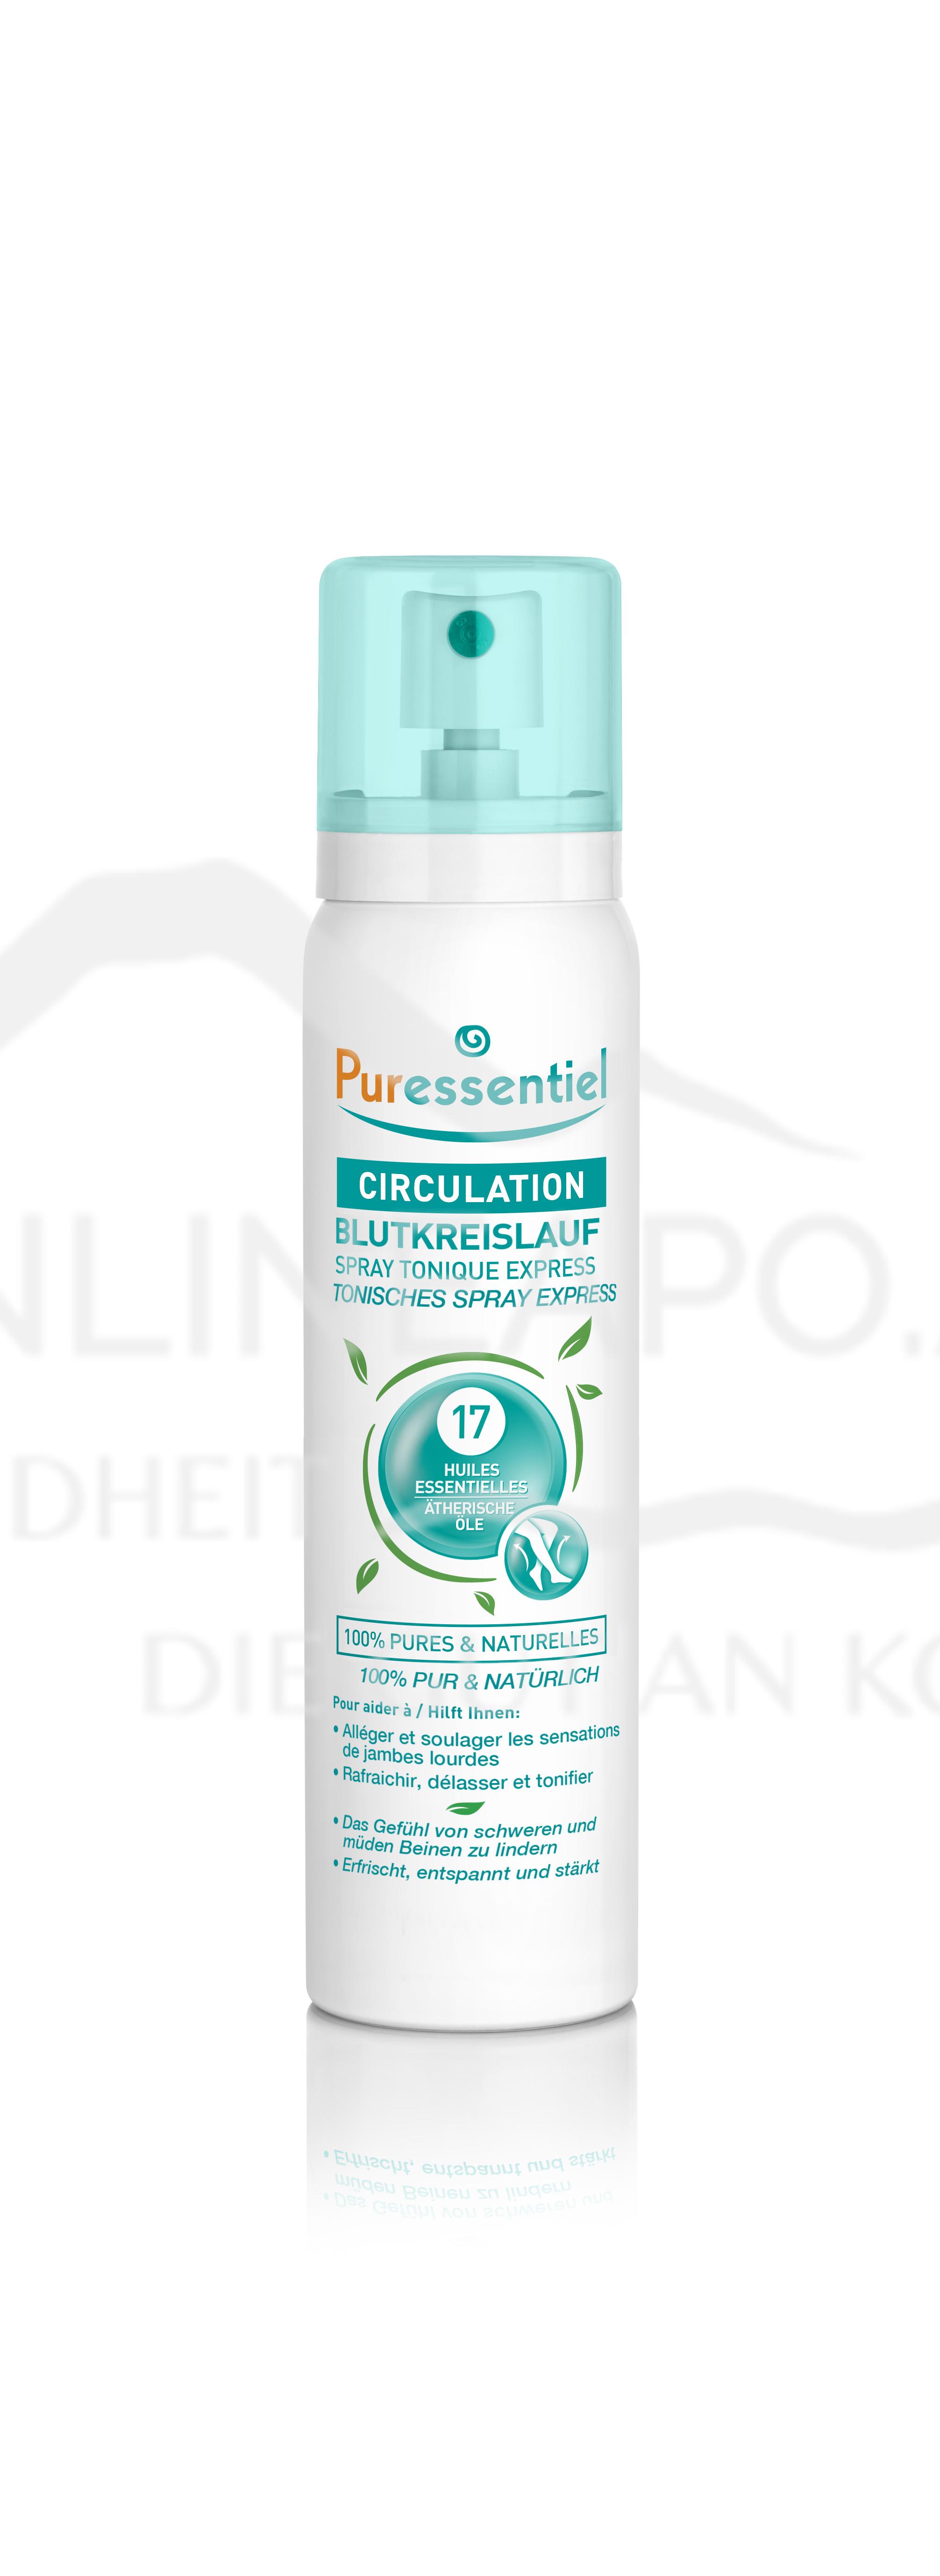 Puressentiel Leichte Beine Spray 125ml